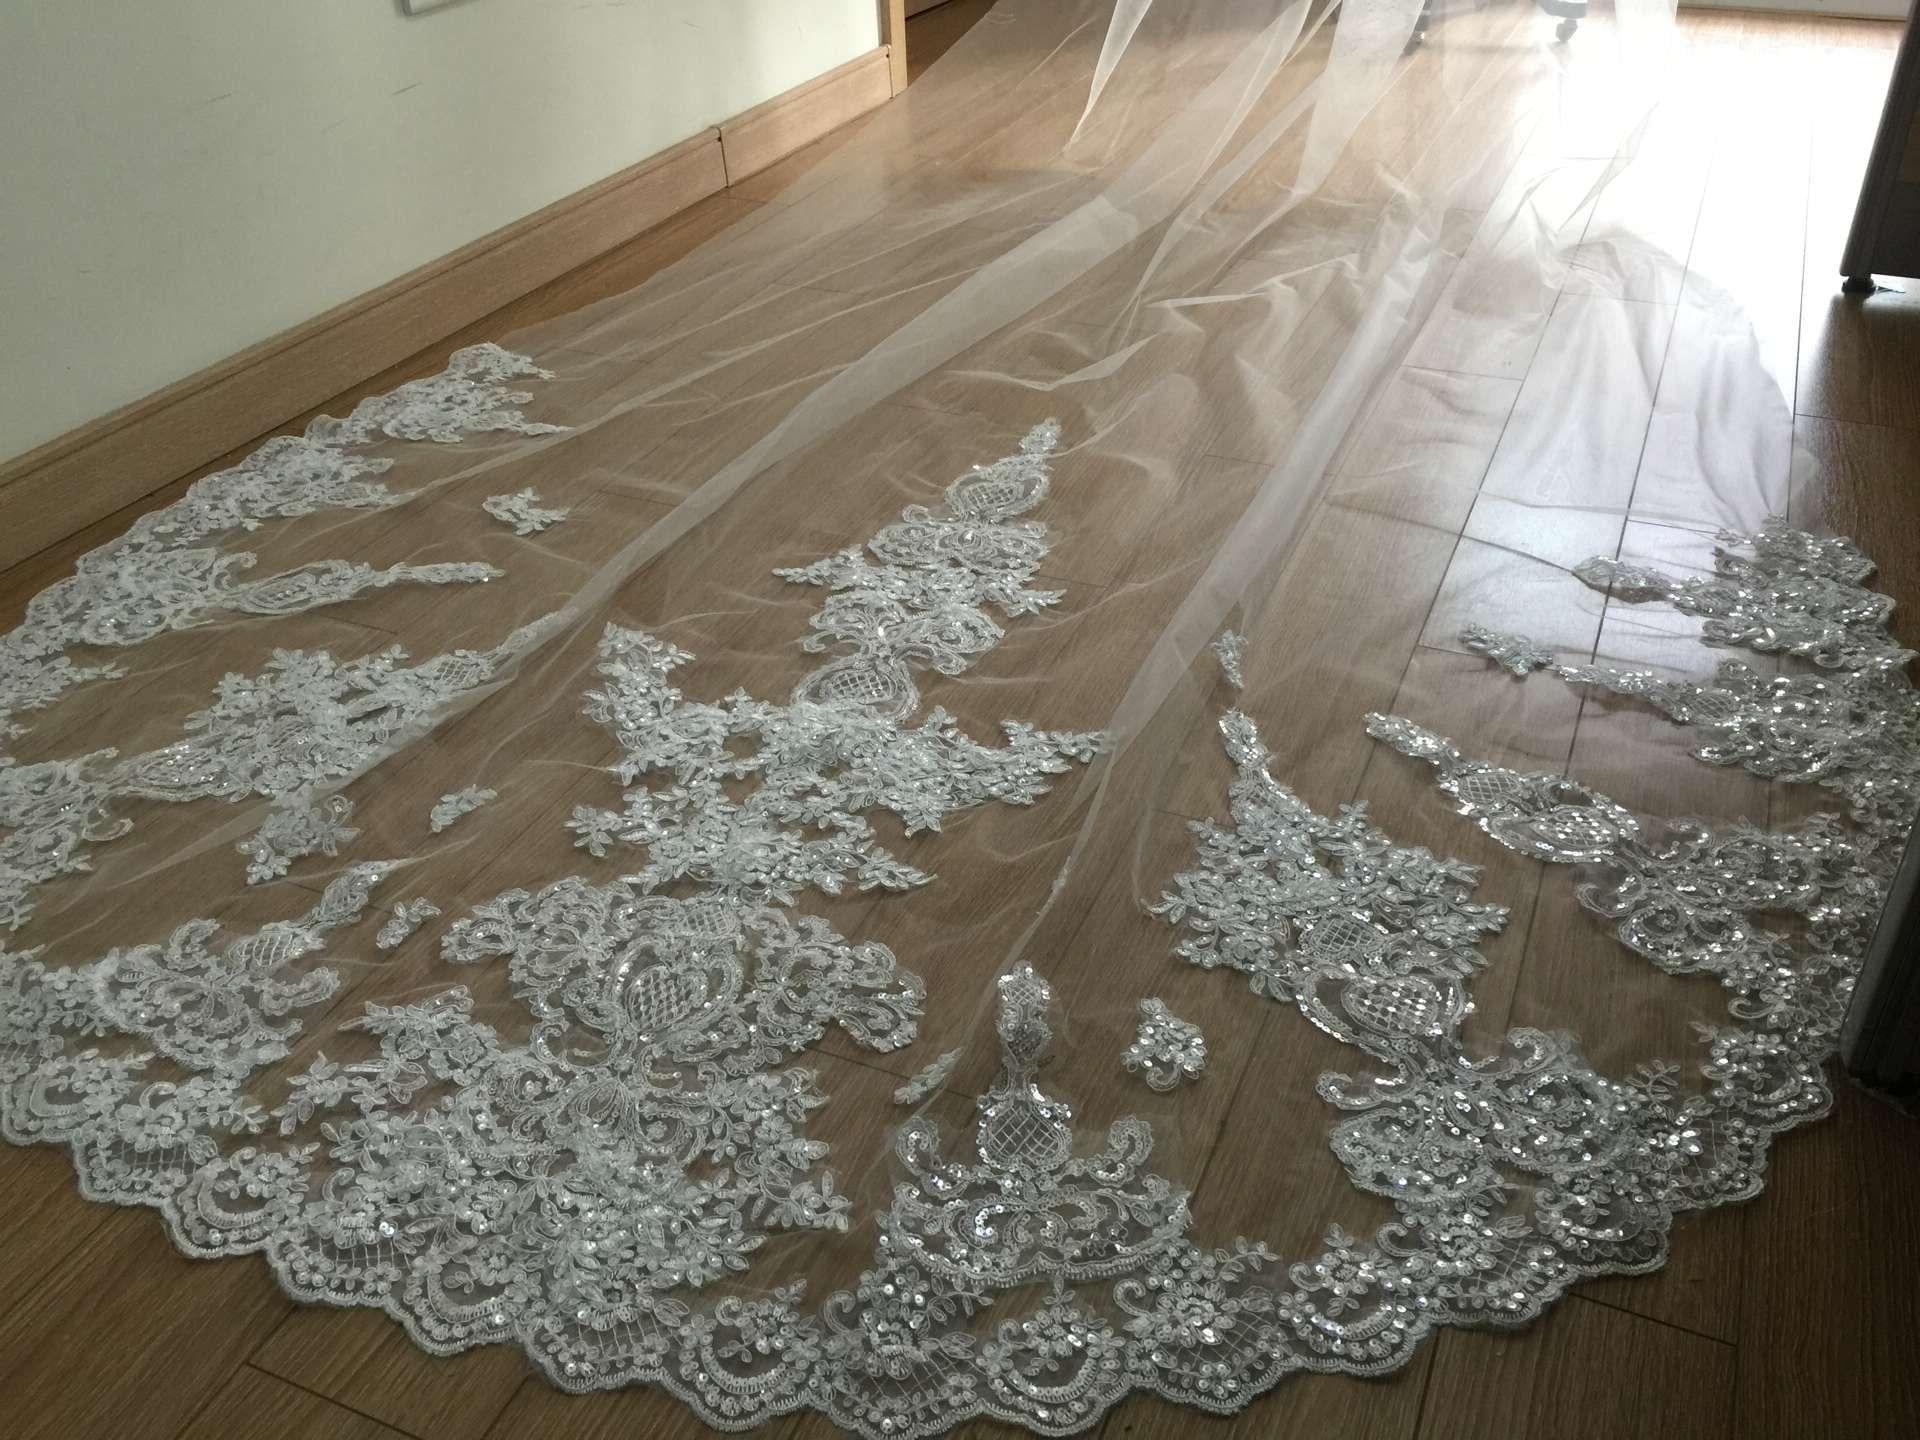 High-end custom sequins lace applique bride veil white beige wedding dress 3 m comb